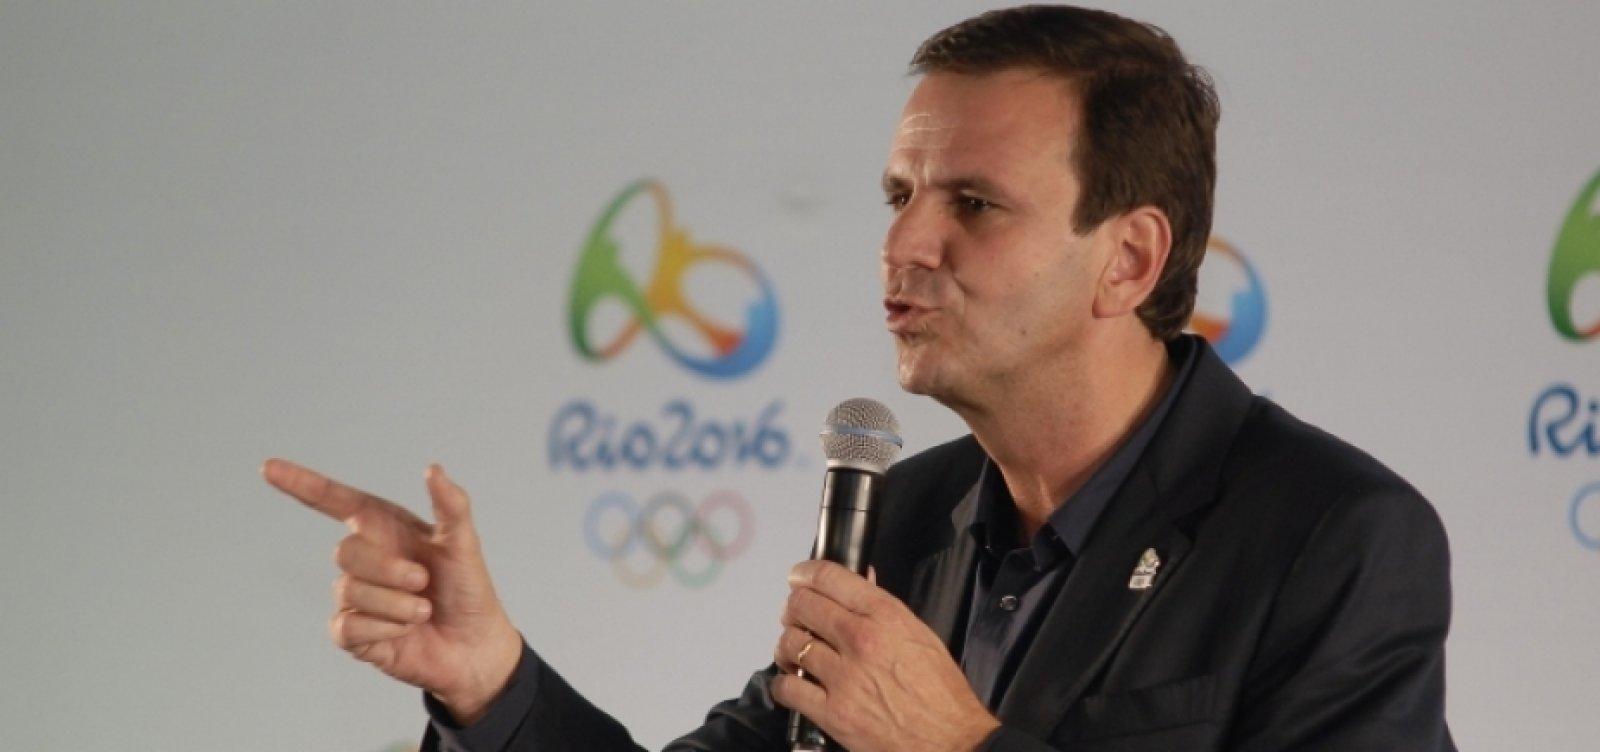 COVID-19: Vacinação no Rio de Janeiro deve começar no próximo dia 25